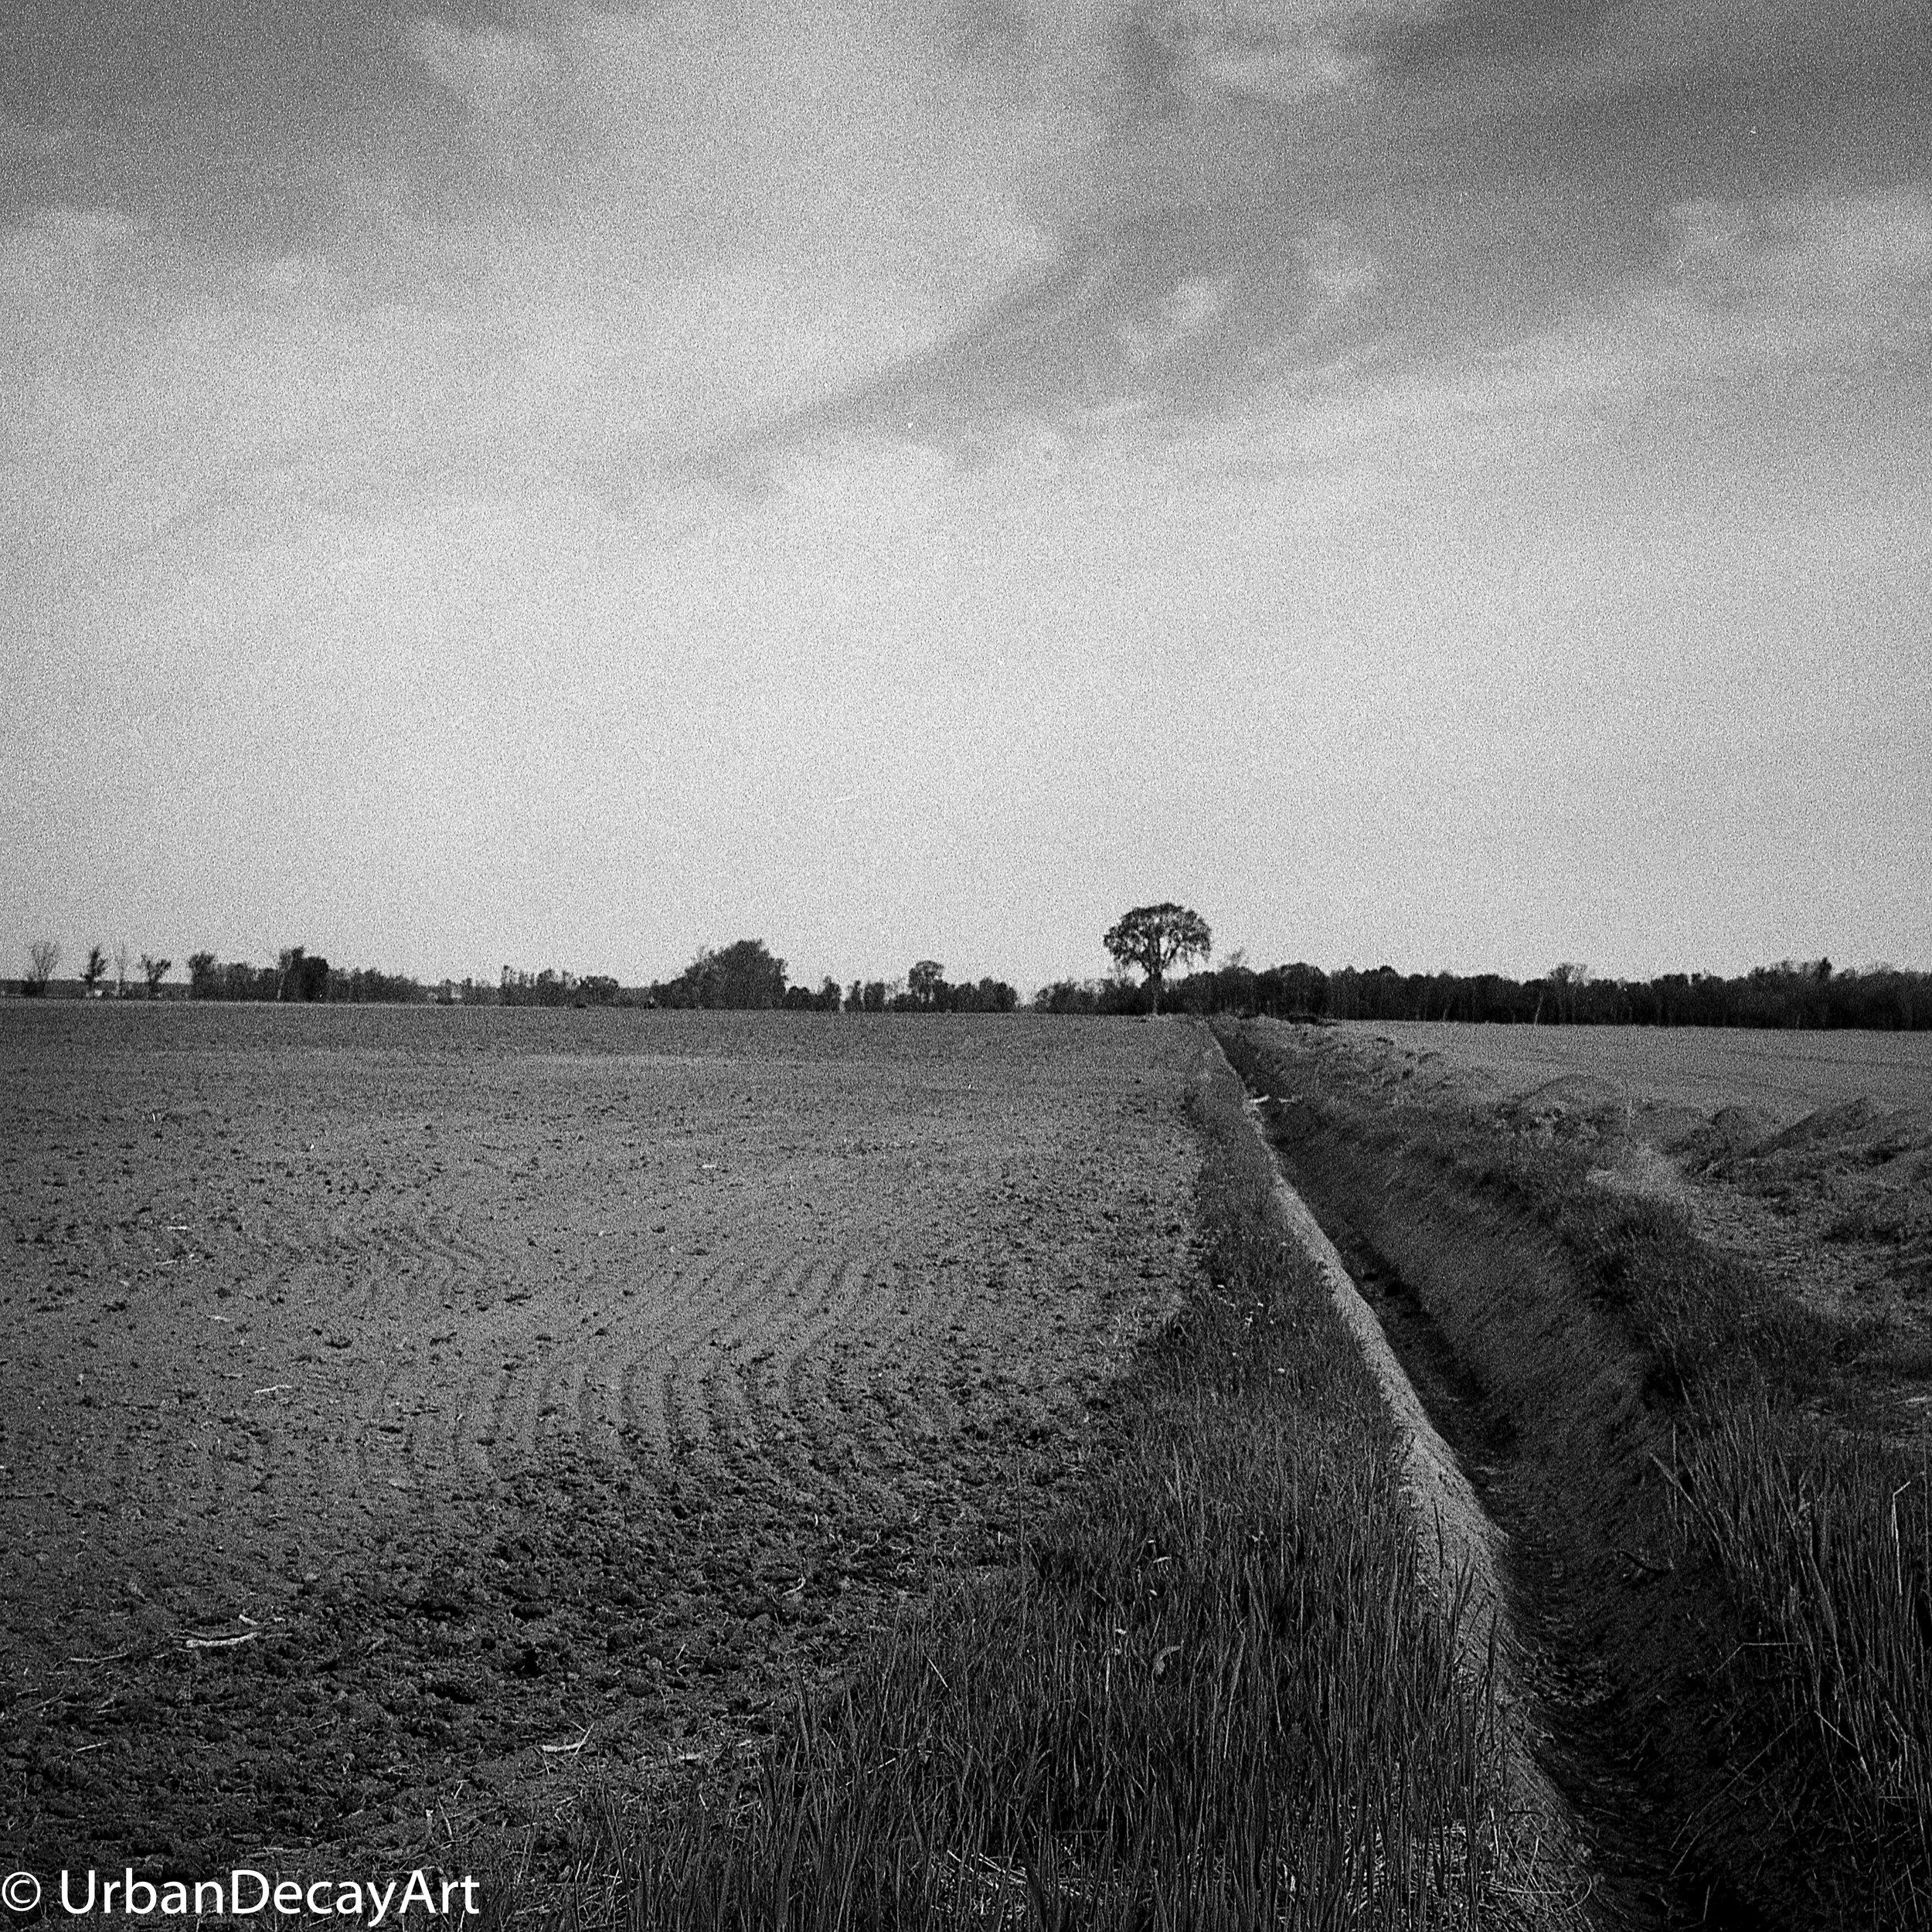 Tree ormstown Kodak Tri-x Medium format